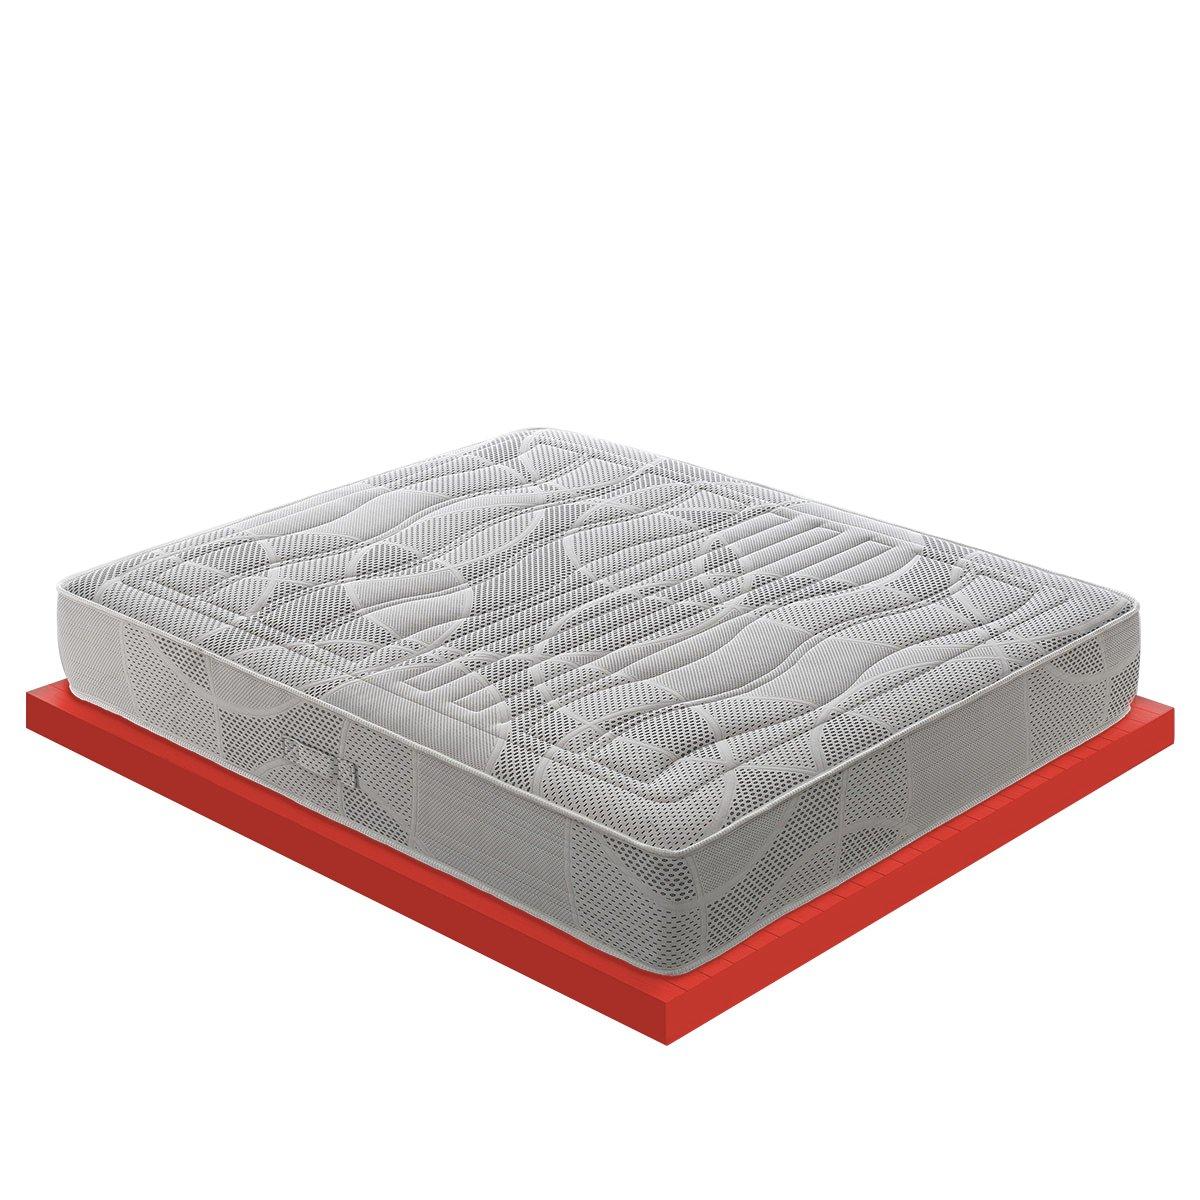 Matratze in Memory 7cm 11Zonen geteilt Mod. POLIFOAM 7cm von Memory Foam zertifiziert Medizinprodukt Klasse I mit Steuerabzug 120x190cm